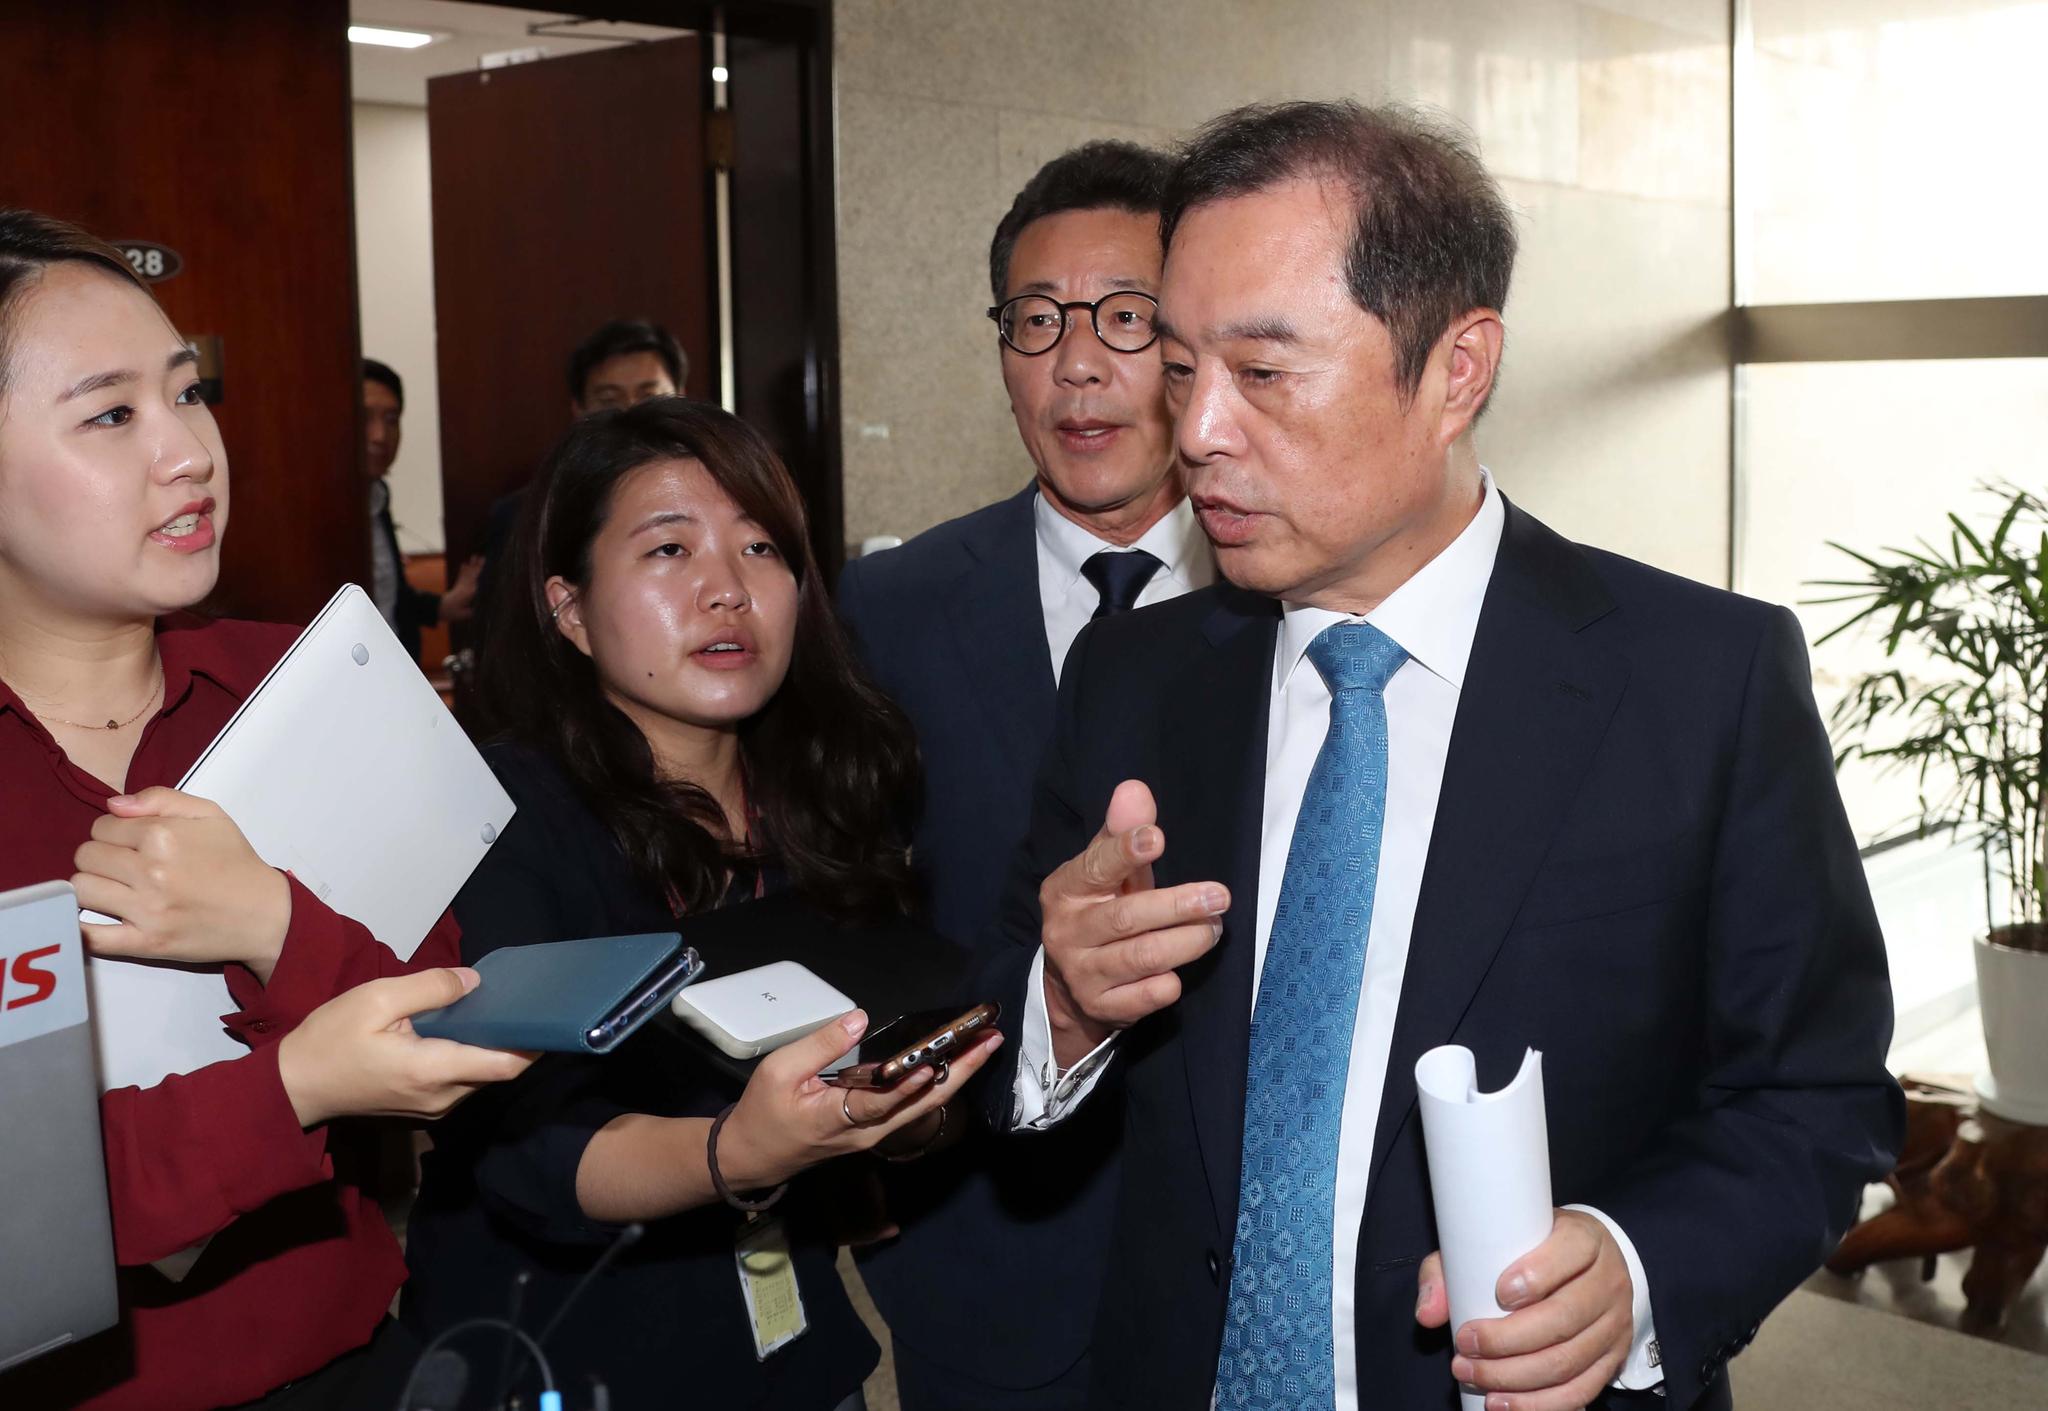 김병준 자유한국당 비상대책위원장이 27일 오전 비공개 비대위 회의를 마치고 나오며 기자들의 질문을 받고 있다.변선구 기자